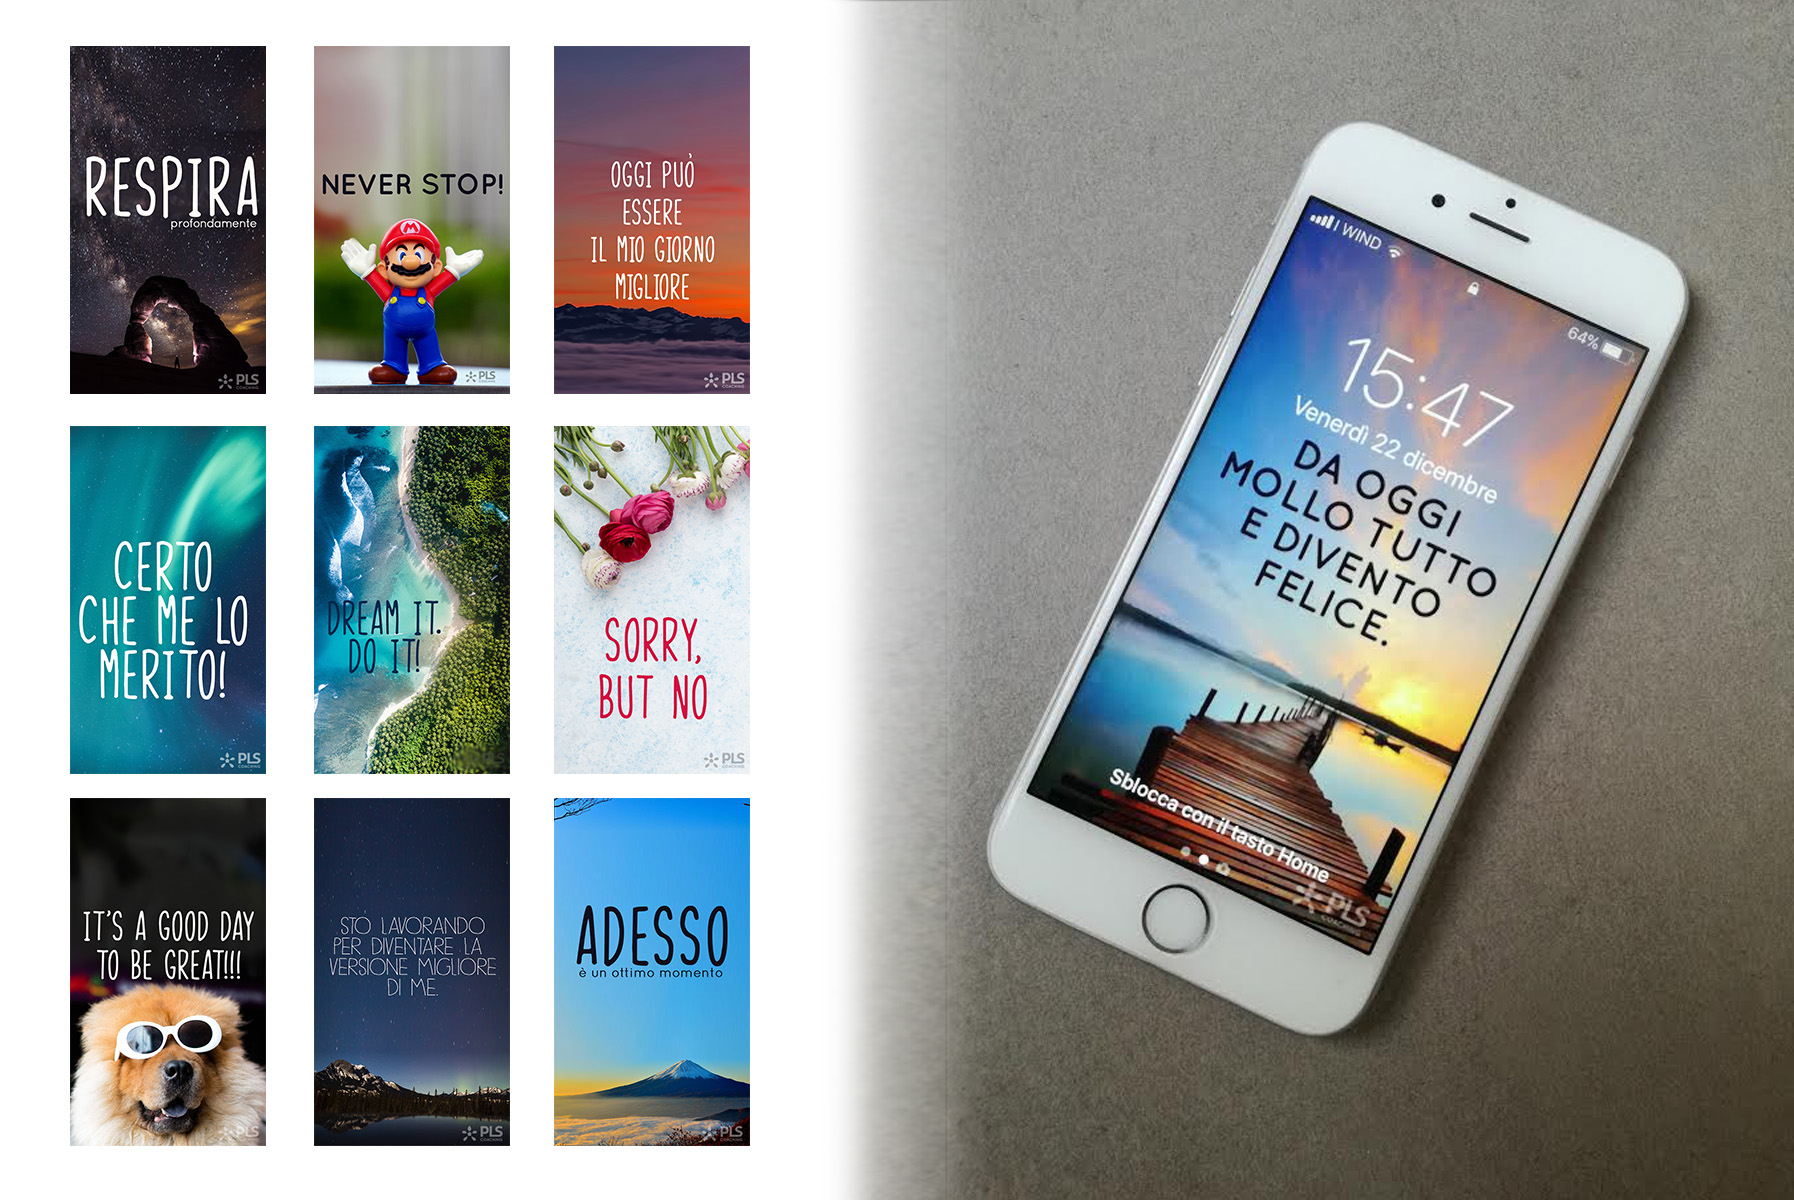 Scarica i nuovi screensaver: le immagini per cellulari che regalano ispirazioni